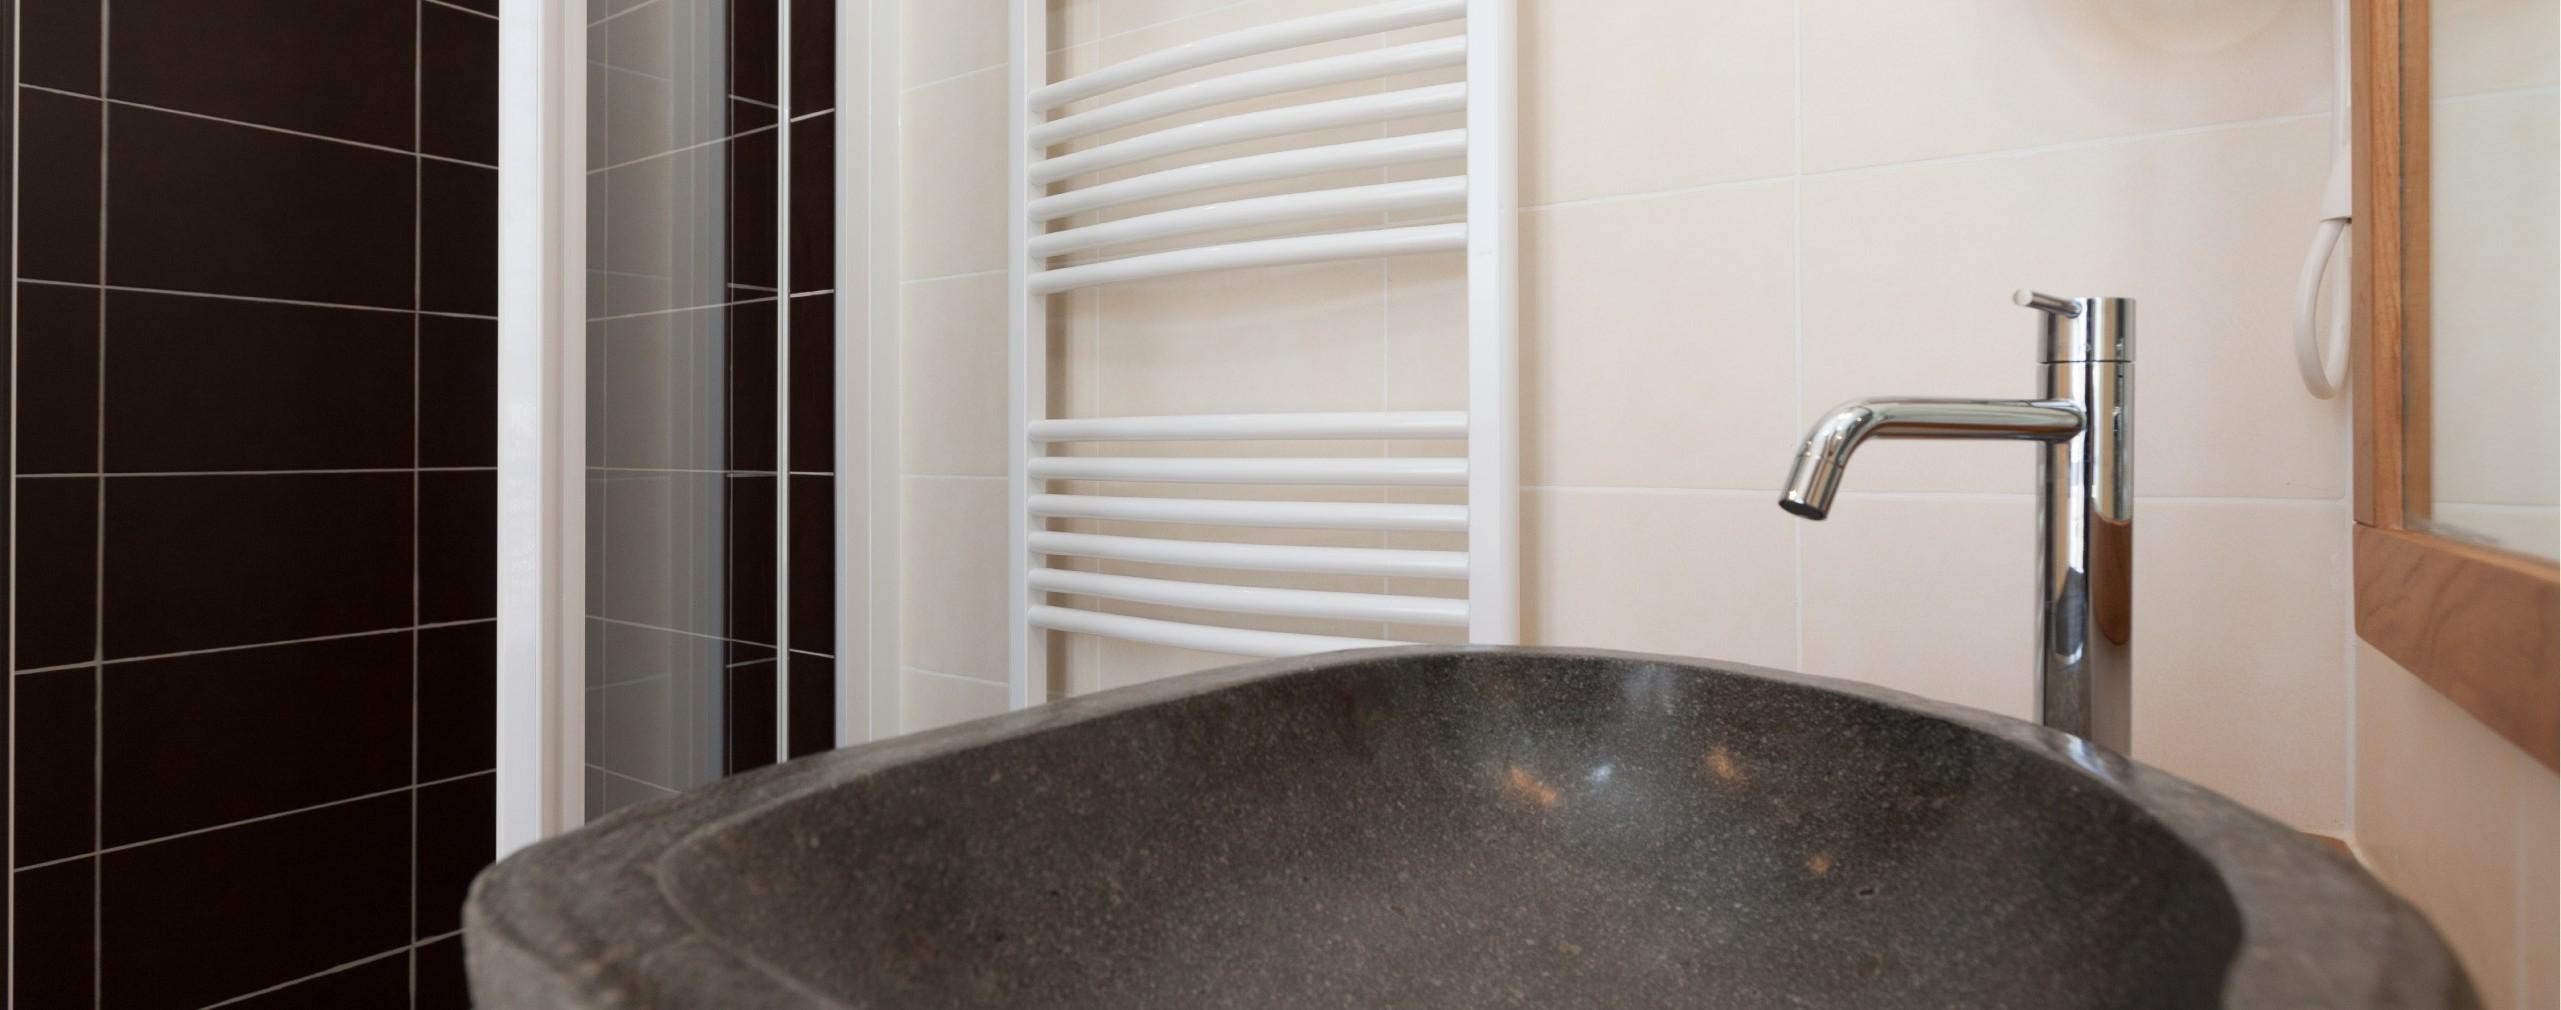 Chambre d'hôtel avec salle d'eau